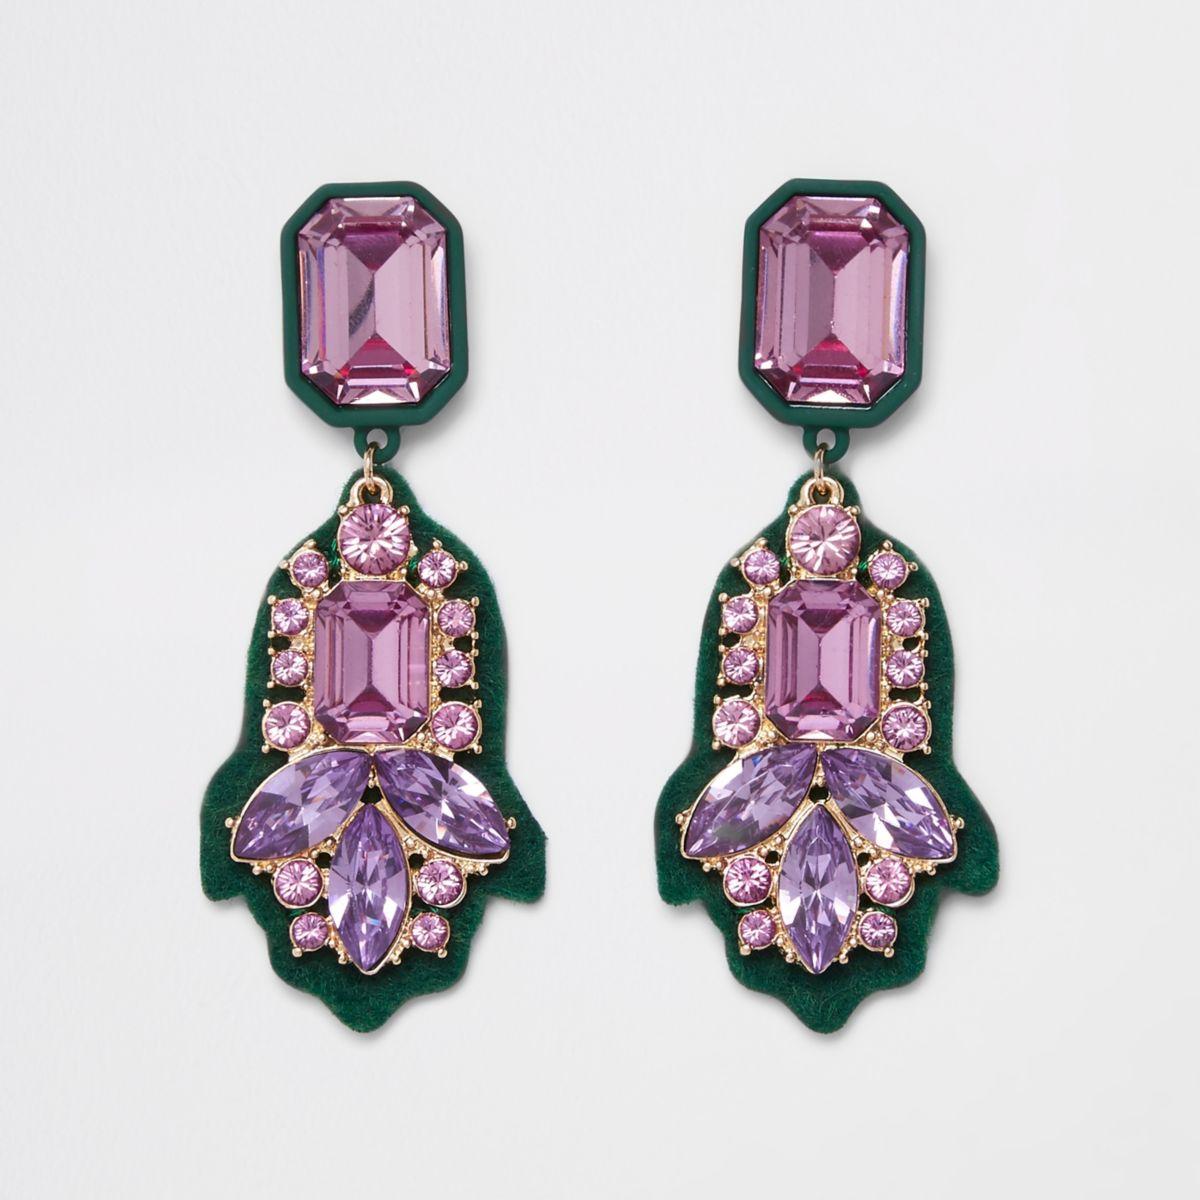 Green felt back purple jewel drop earrings